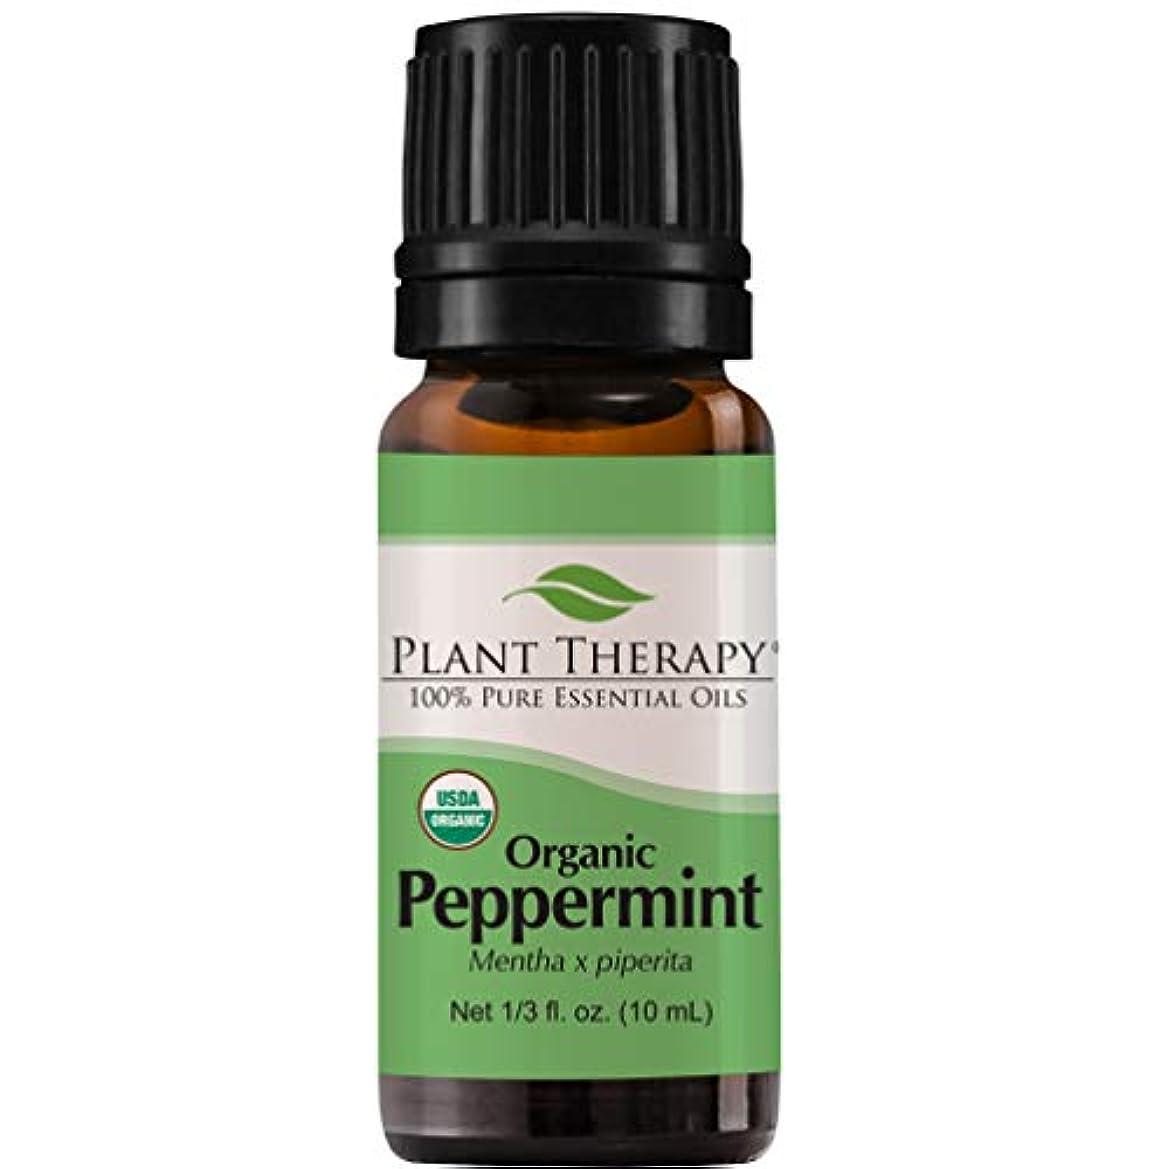 構造的起きてタイヤPlant Therapy Essential Oils (プラントセラピー エッセンシャルオイル) オーガニック ペパーミント エッセンシャルオイル